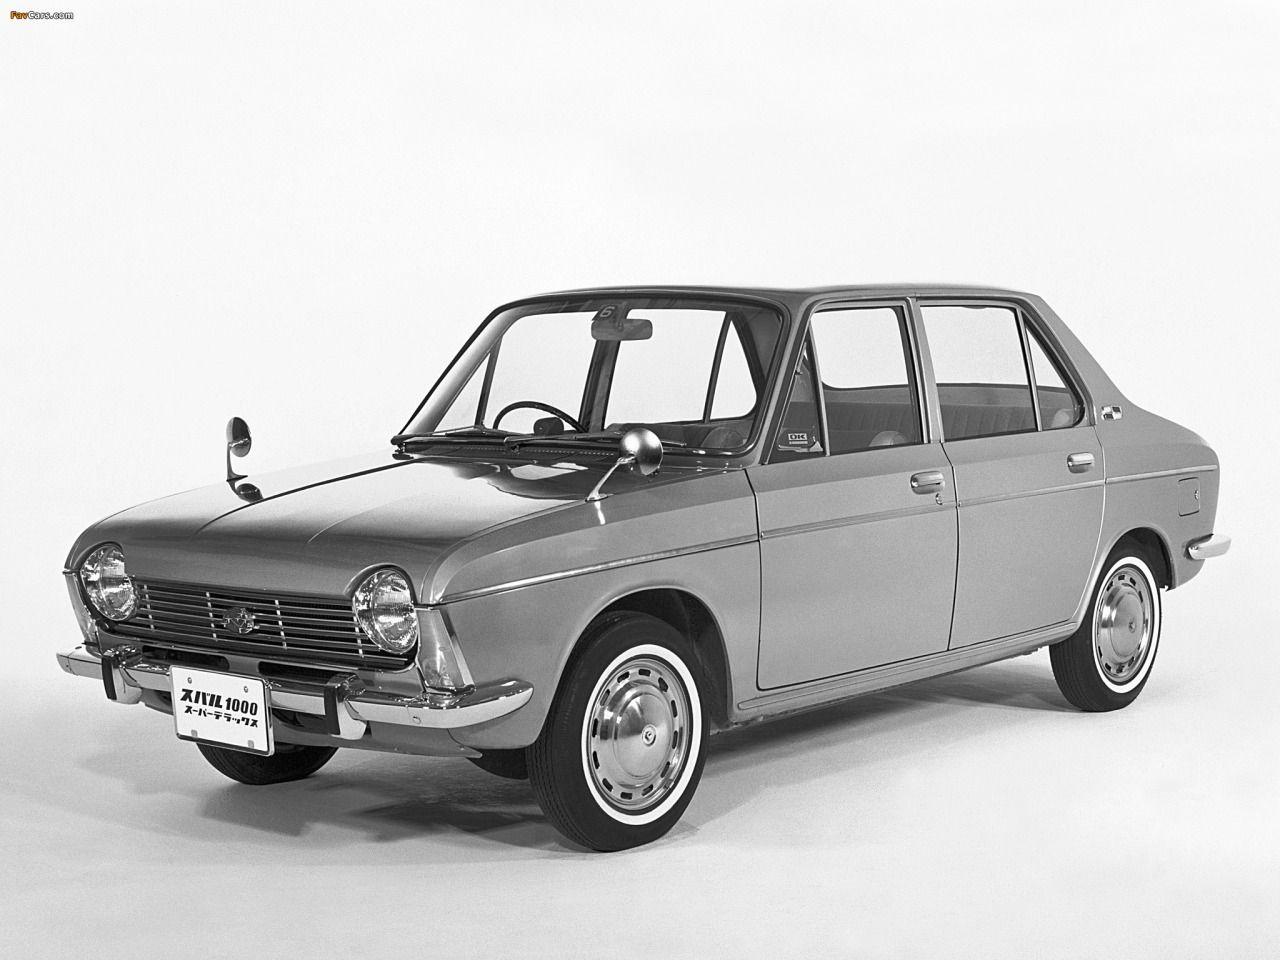 Subaru 1000 4 door Sedan   1965 Automotive Subaru Subaru cars 1280x960